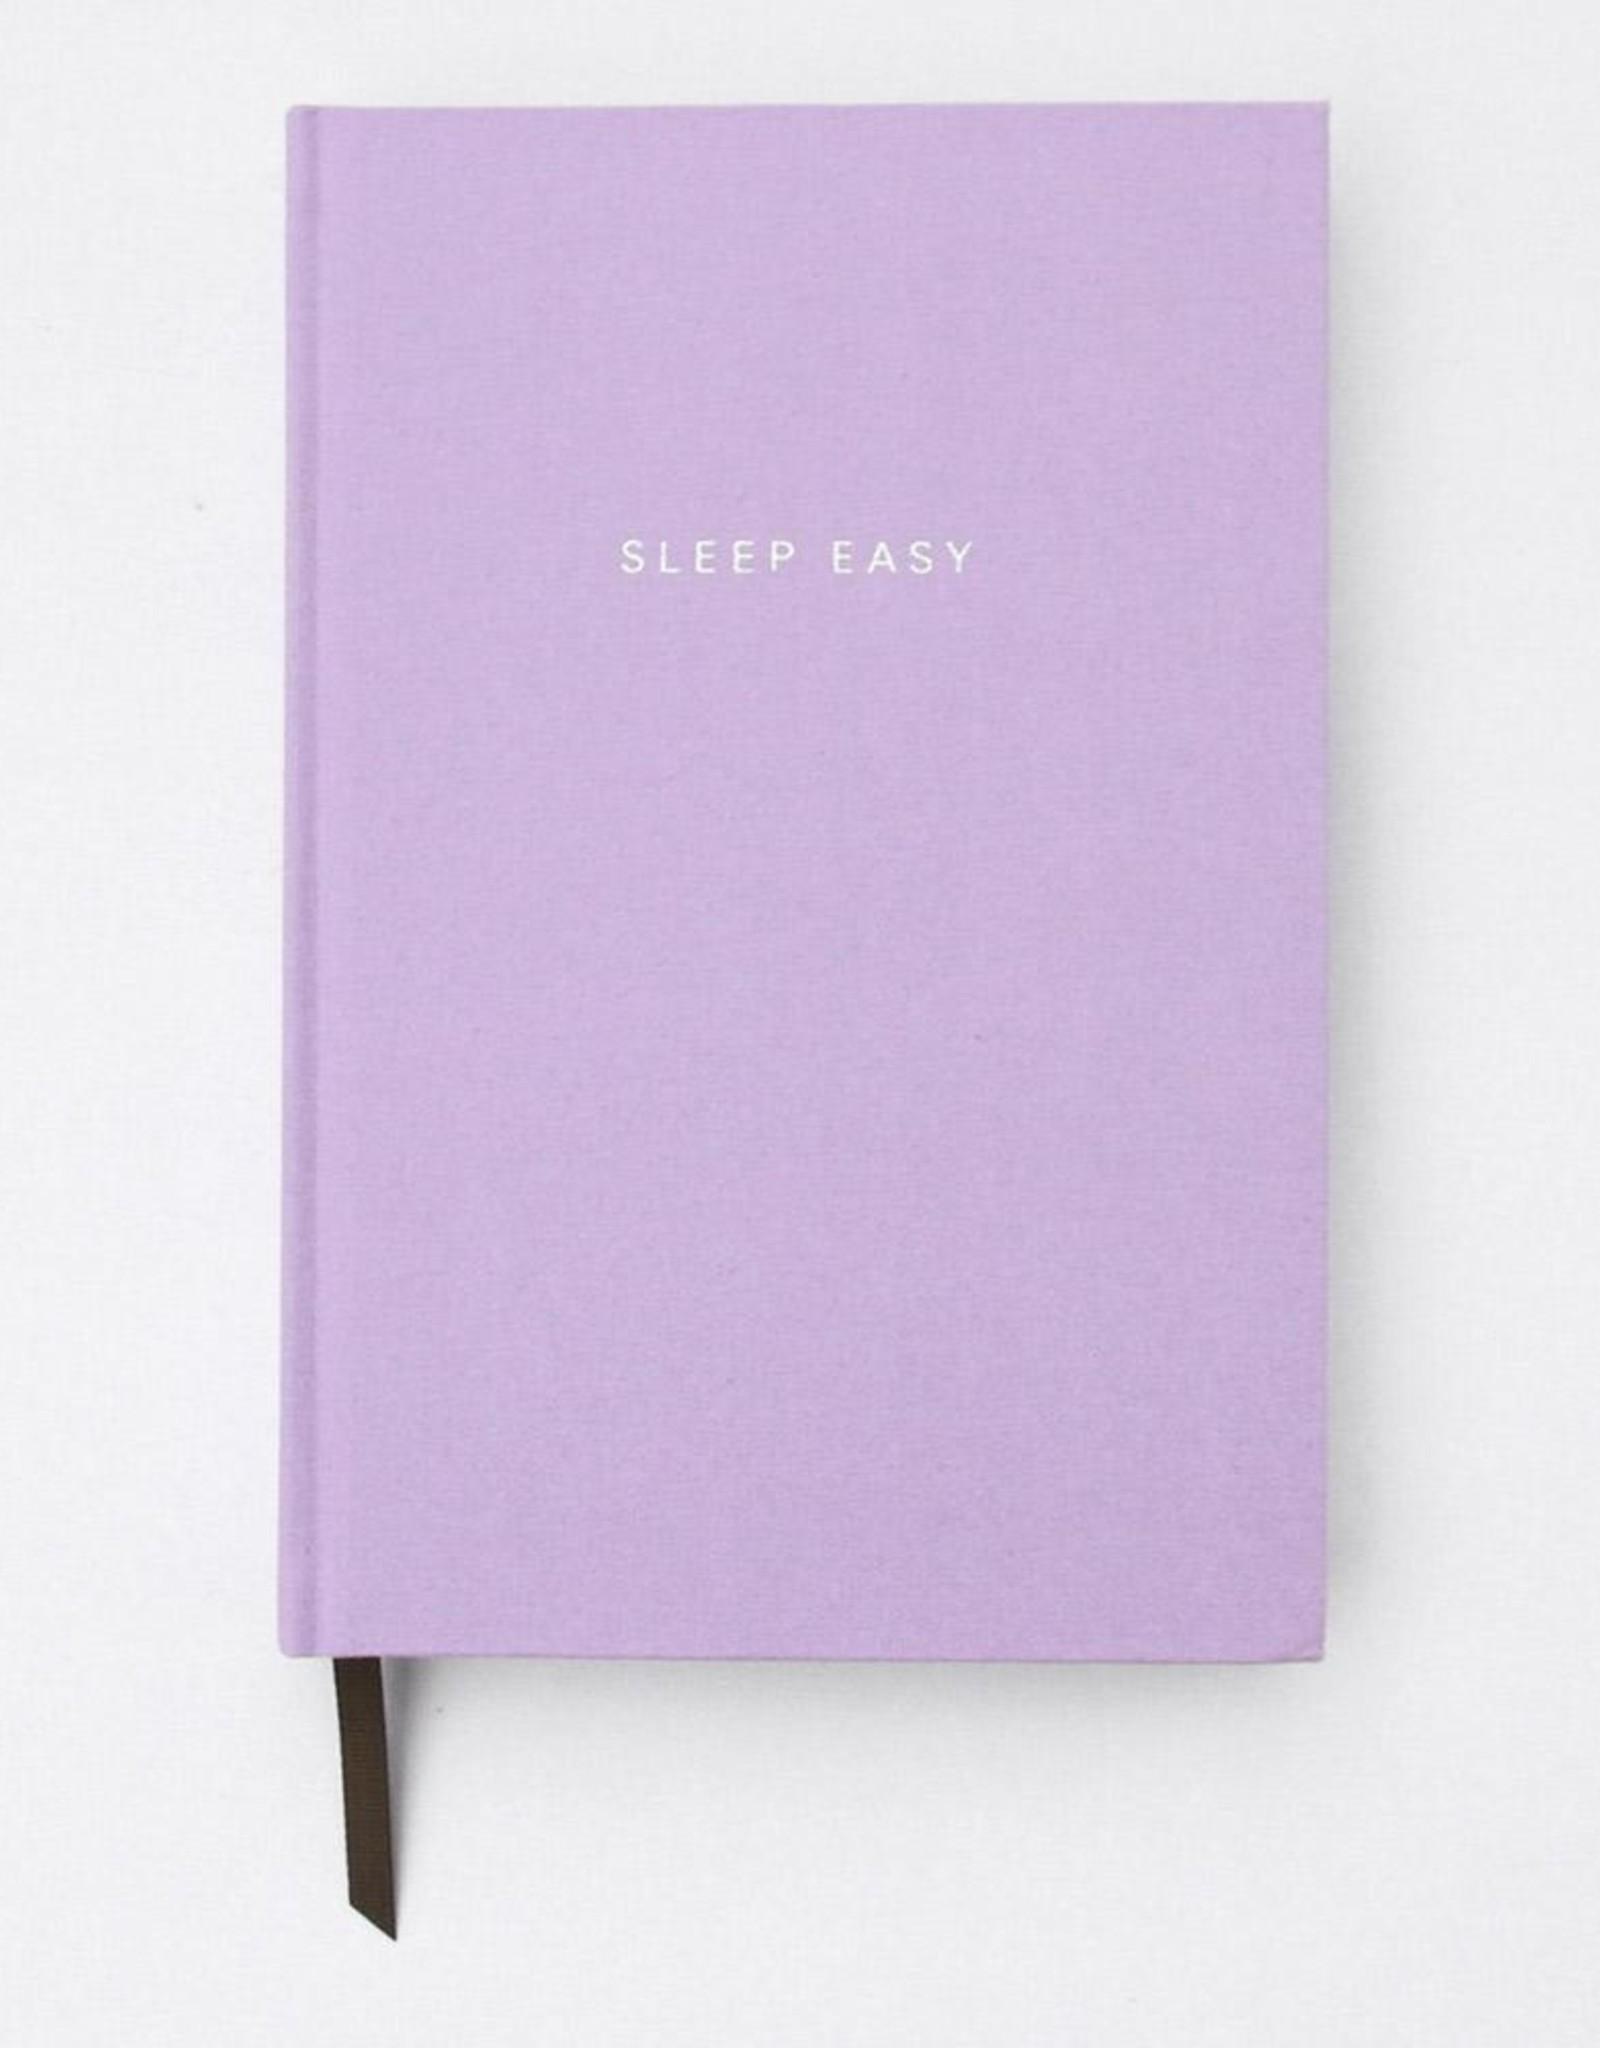 Caroline Gardener Journal - Lilac Sleep